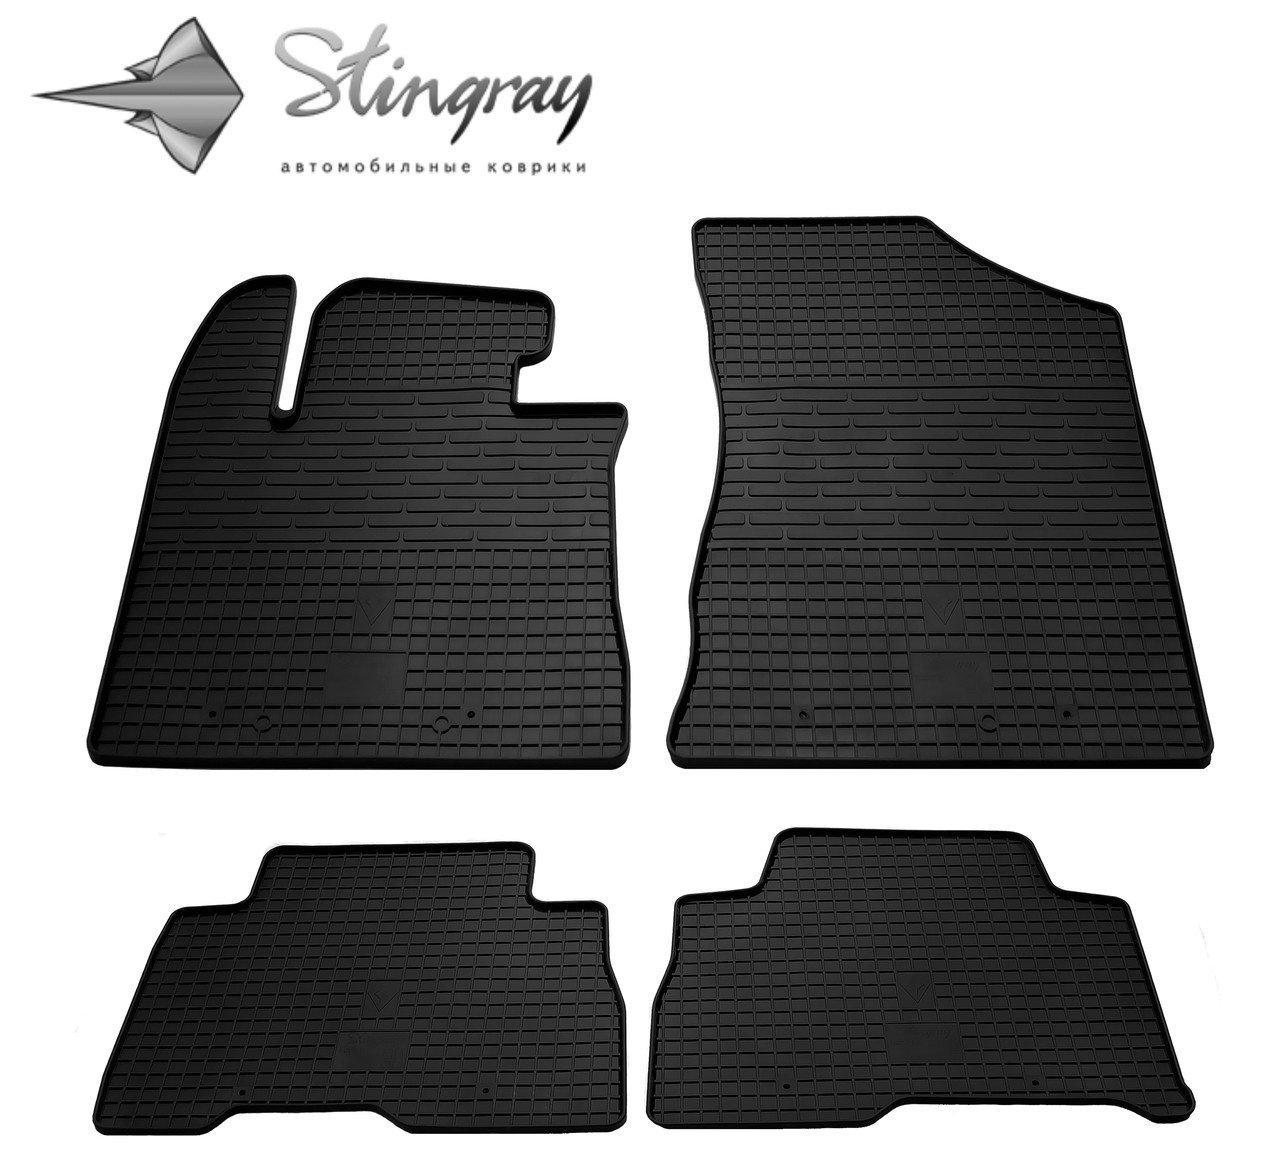 Автомобильные коврики Kia Sorento II (XM) 2012-2014 Stingray